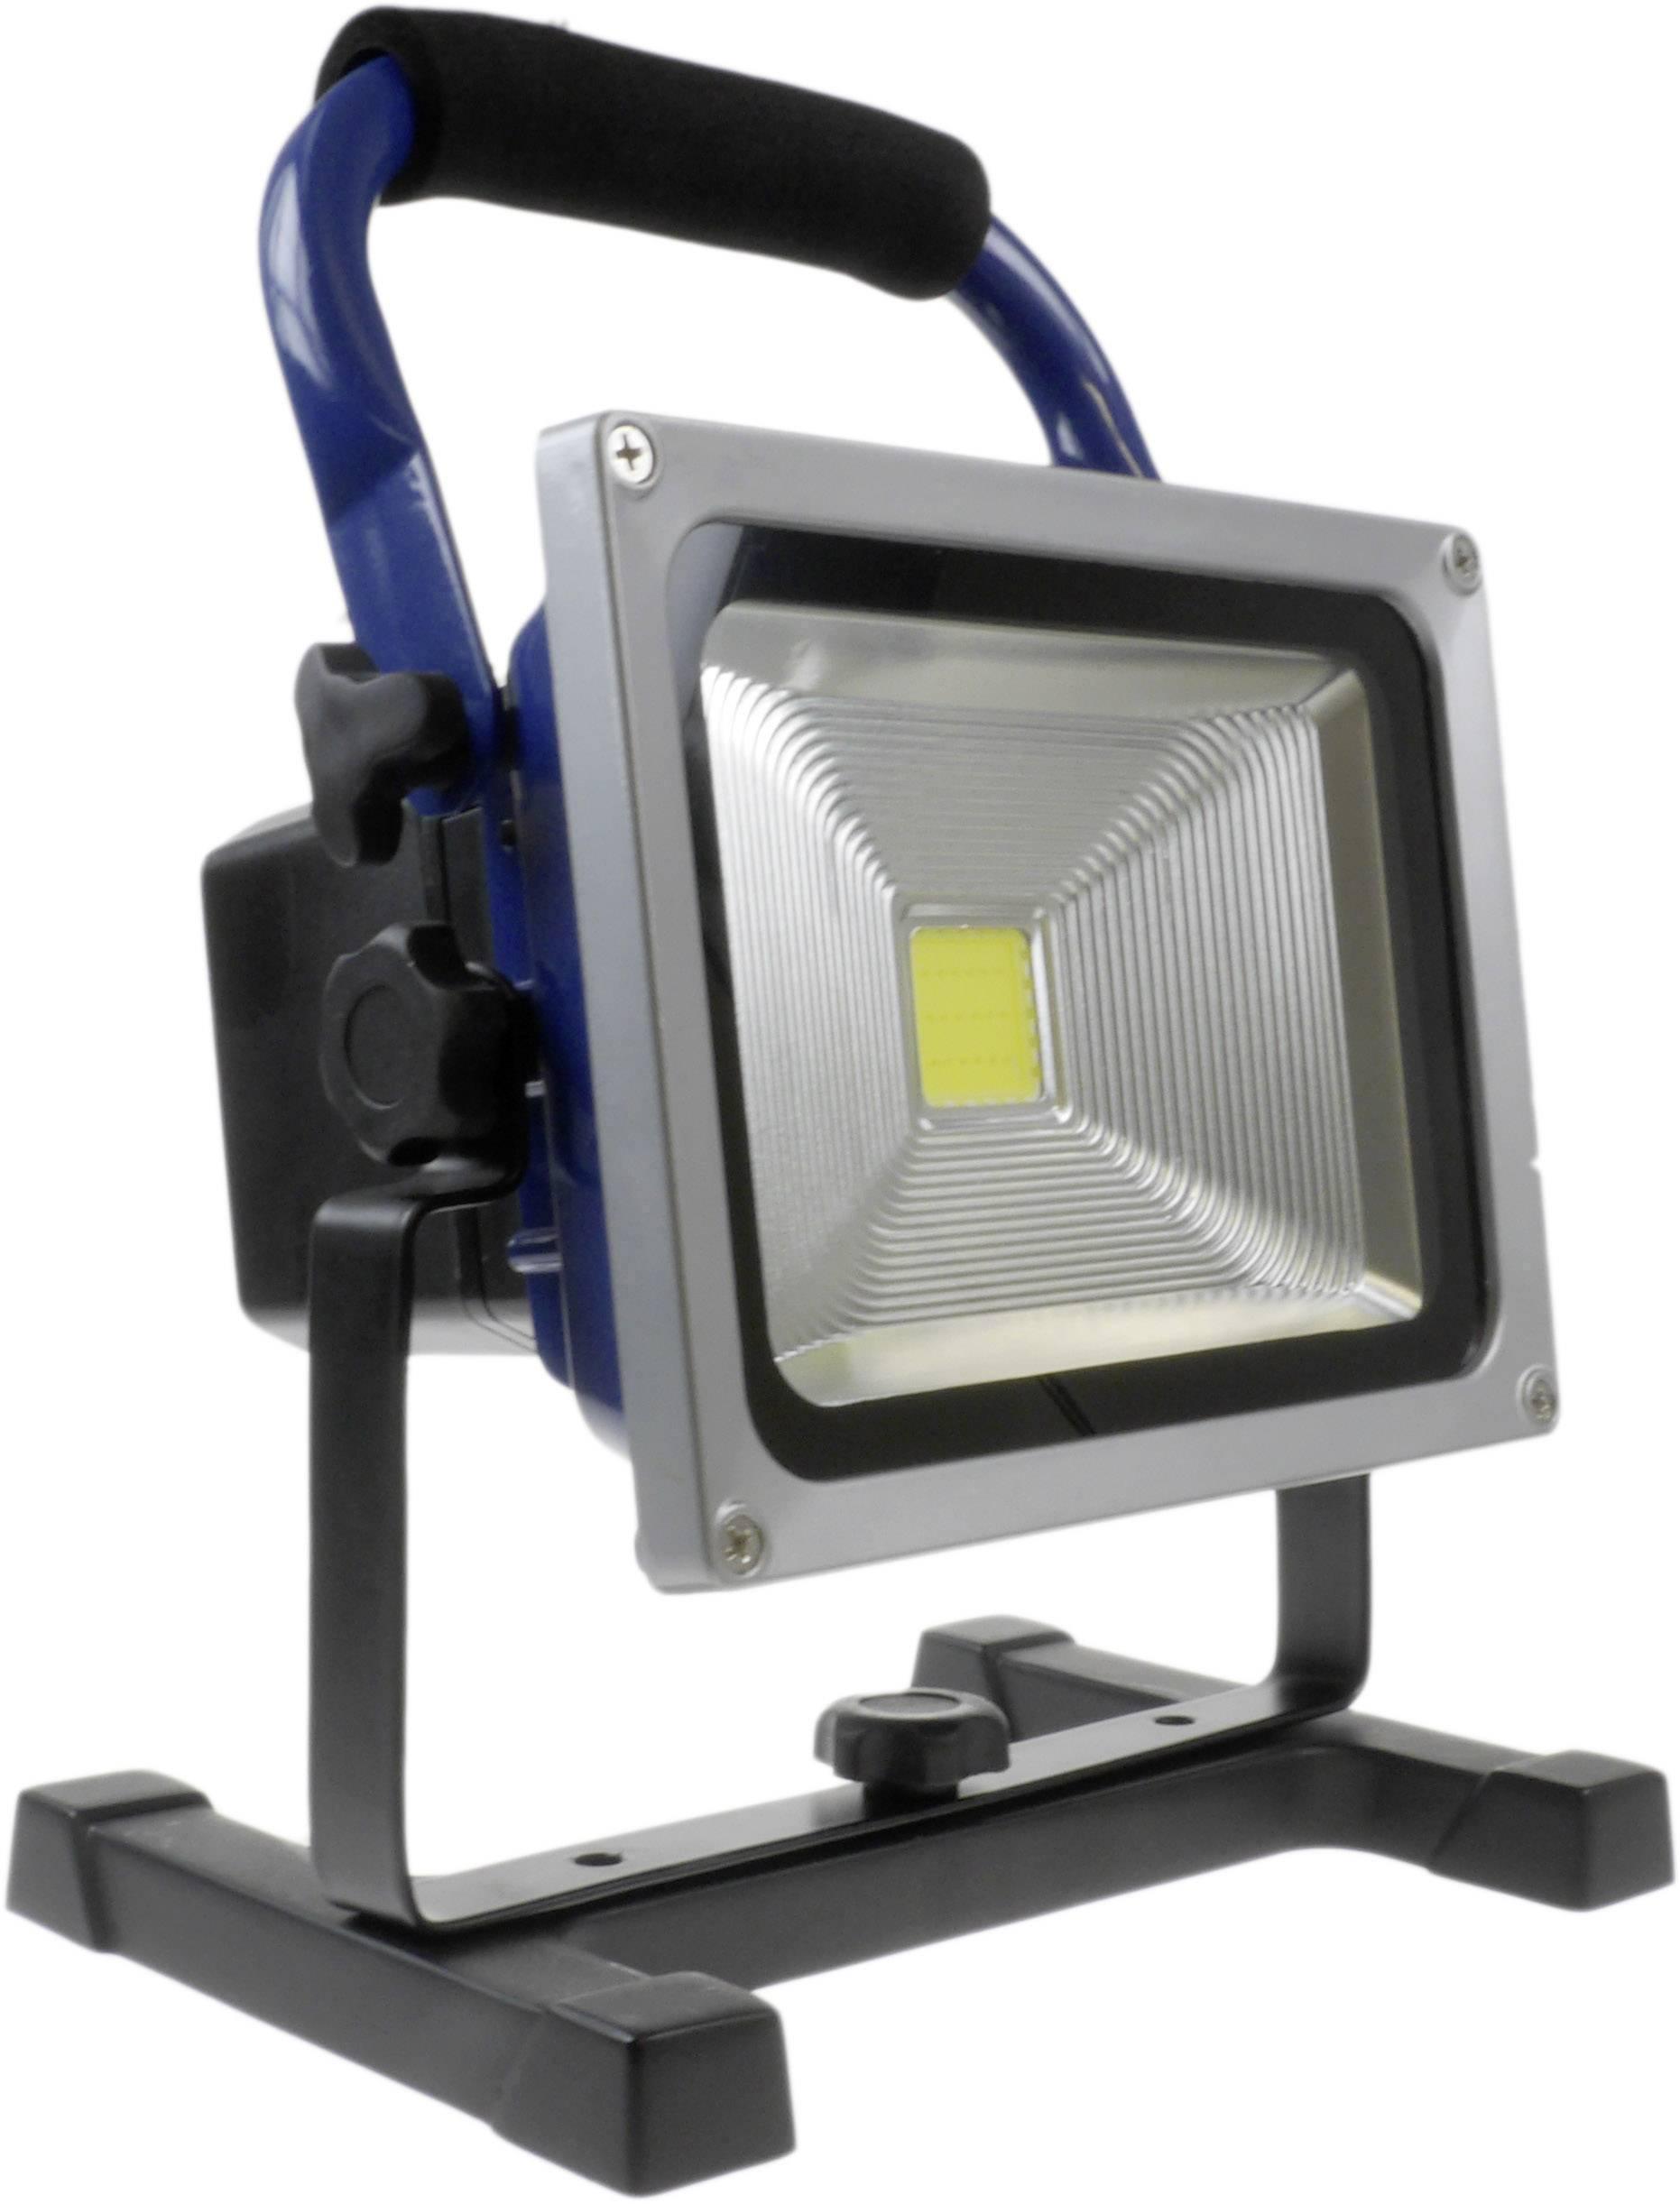 SMD LED pracovné osvetlenie napájanie z akumulátoru XCell 140966, Work 20 W, 20 W, 1600 lm